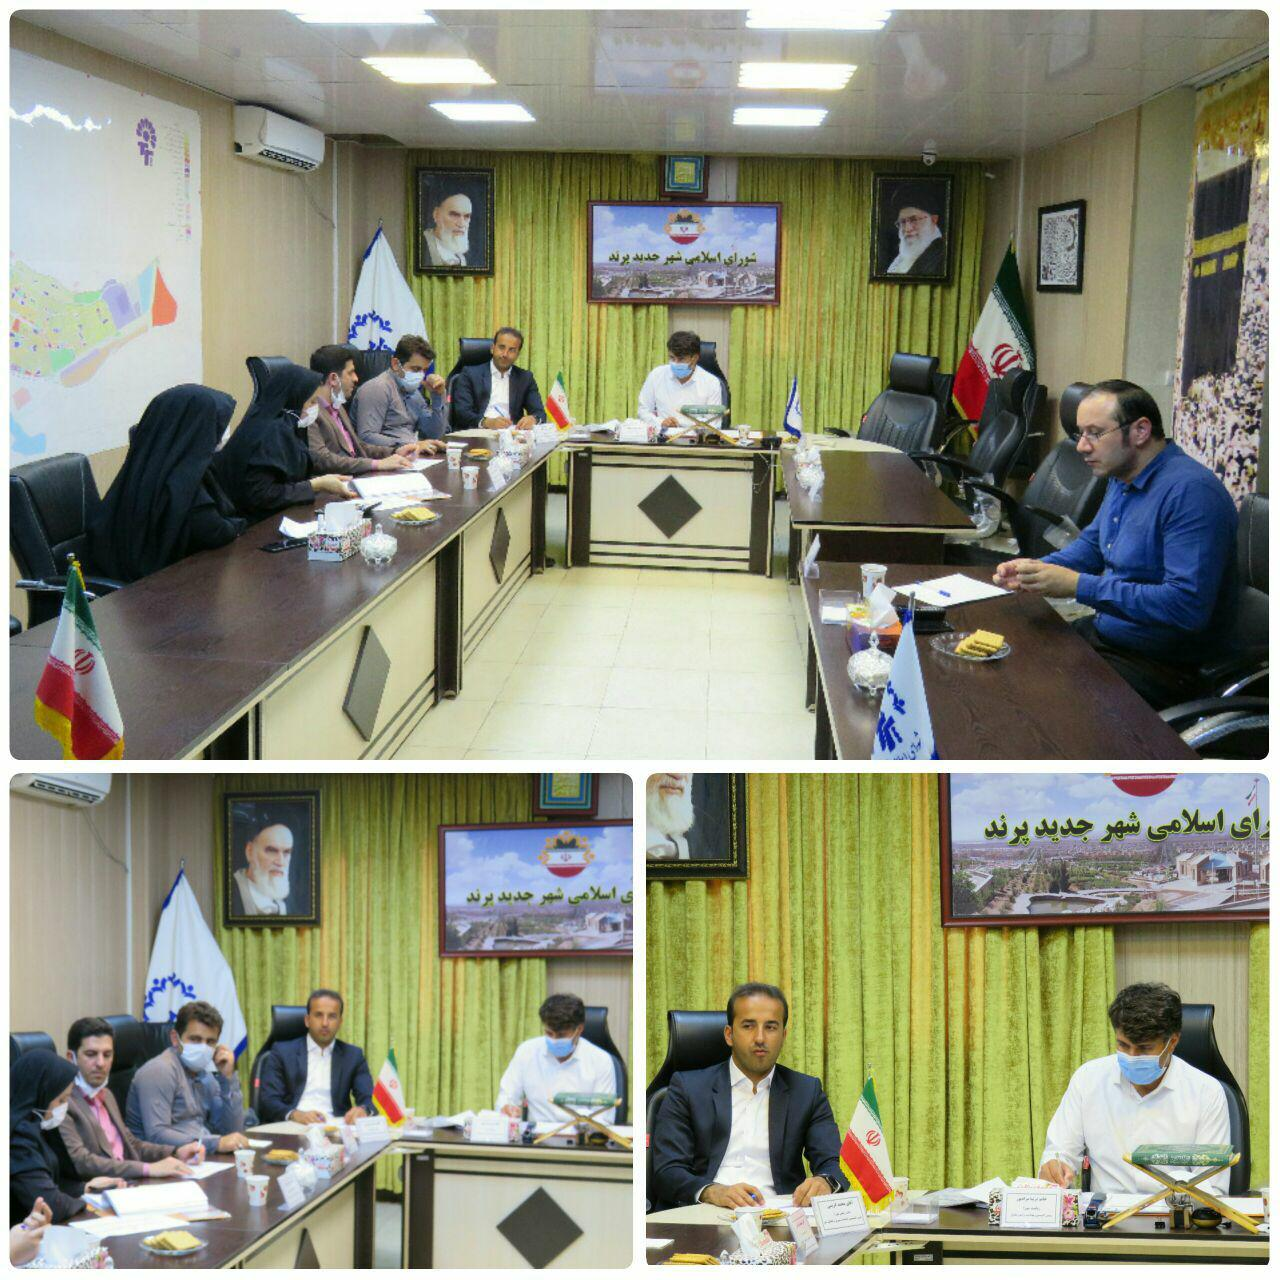 برگزاری جلسه کمیسیون عمران و برنامه بودجه شورای اسلامی شهر پرند